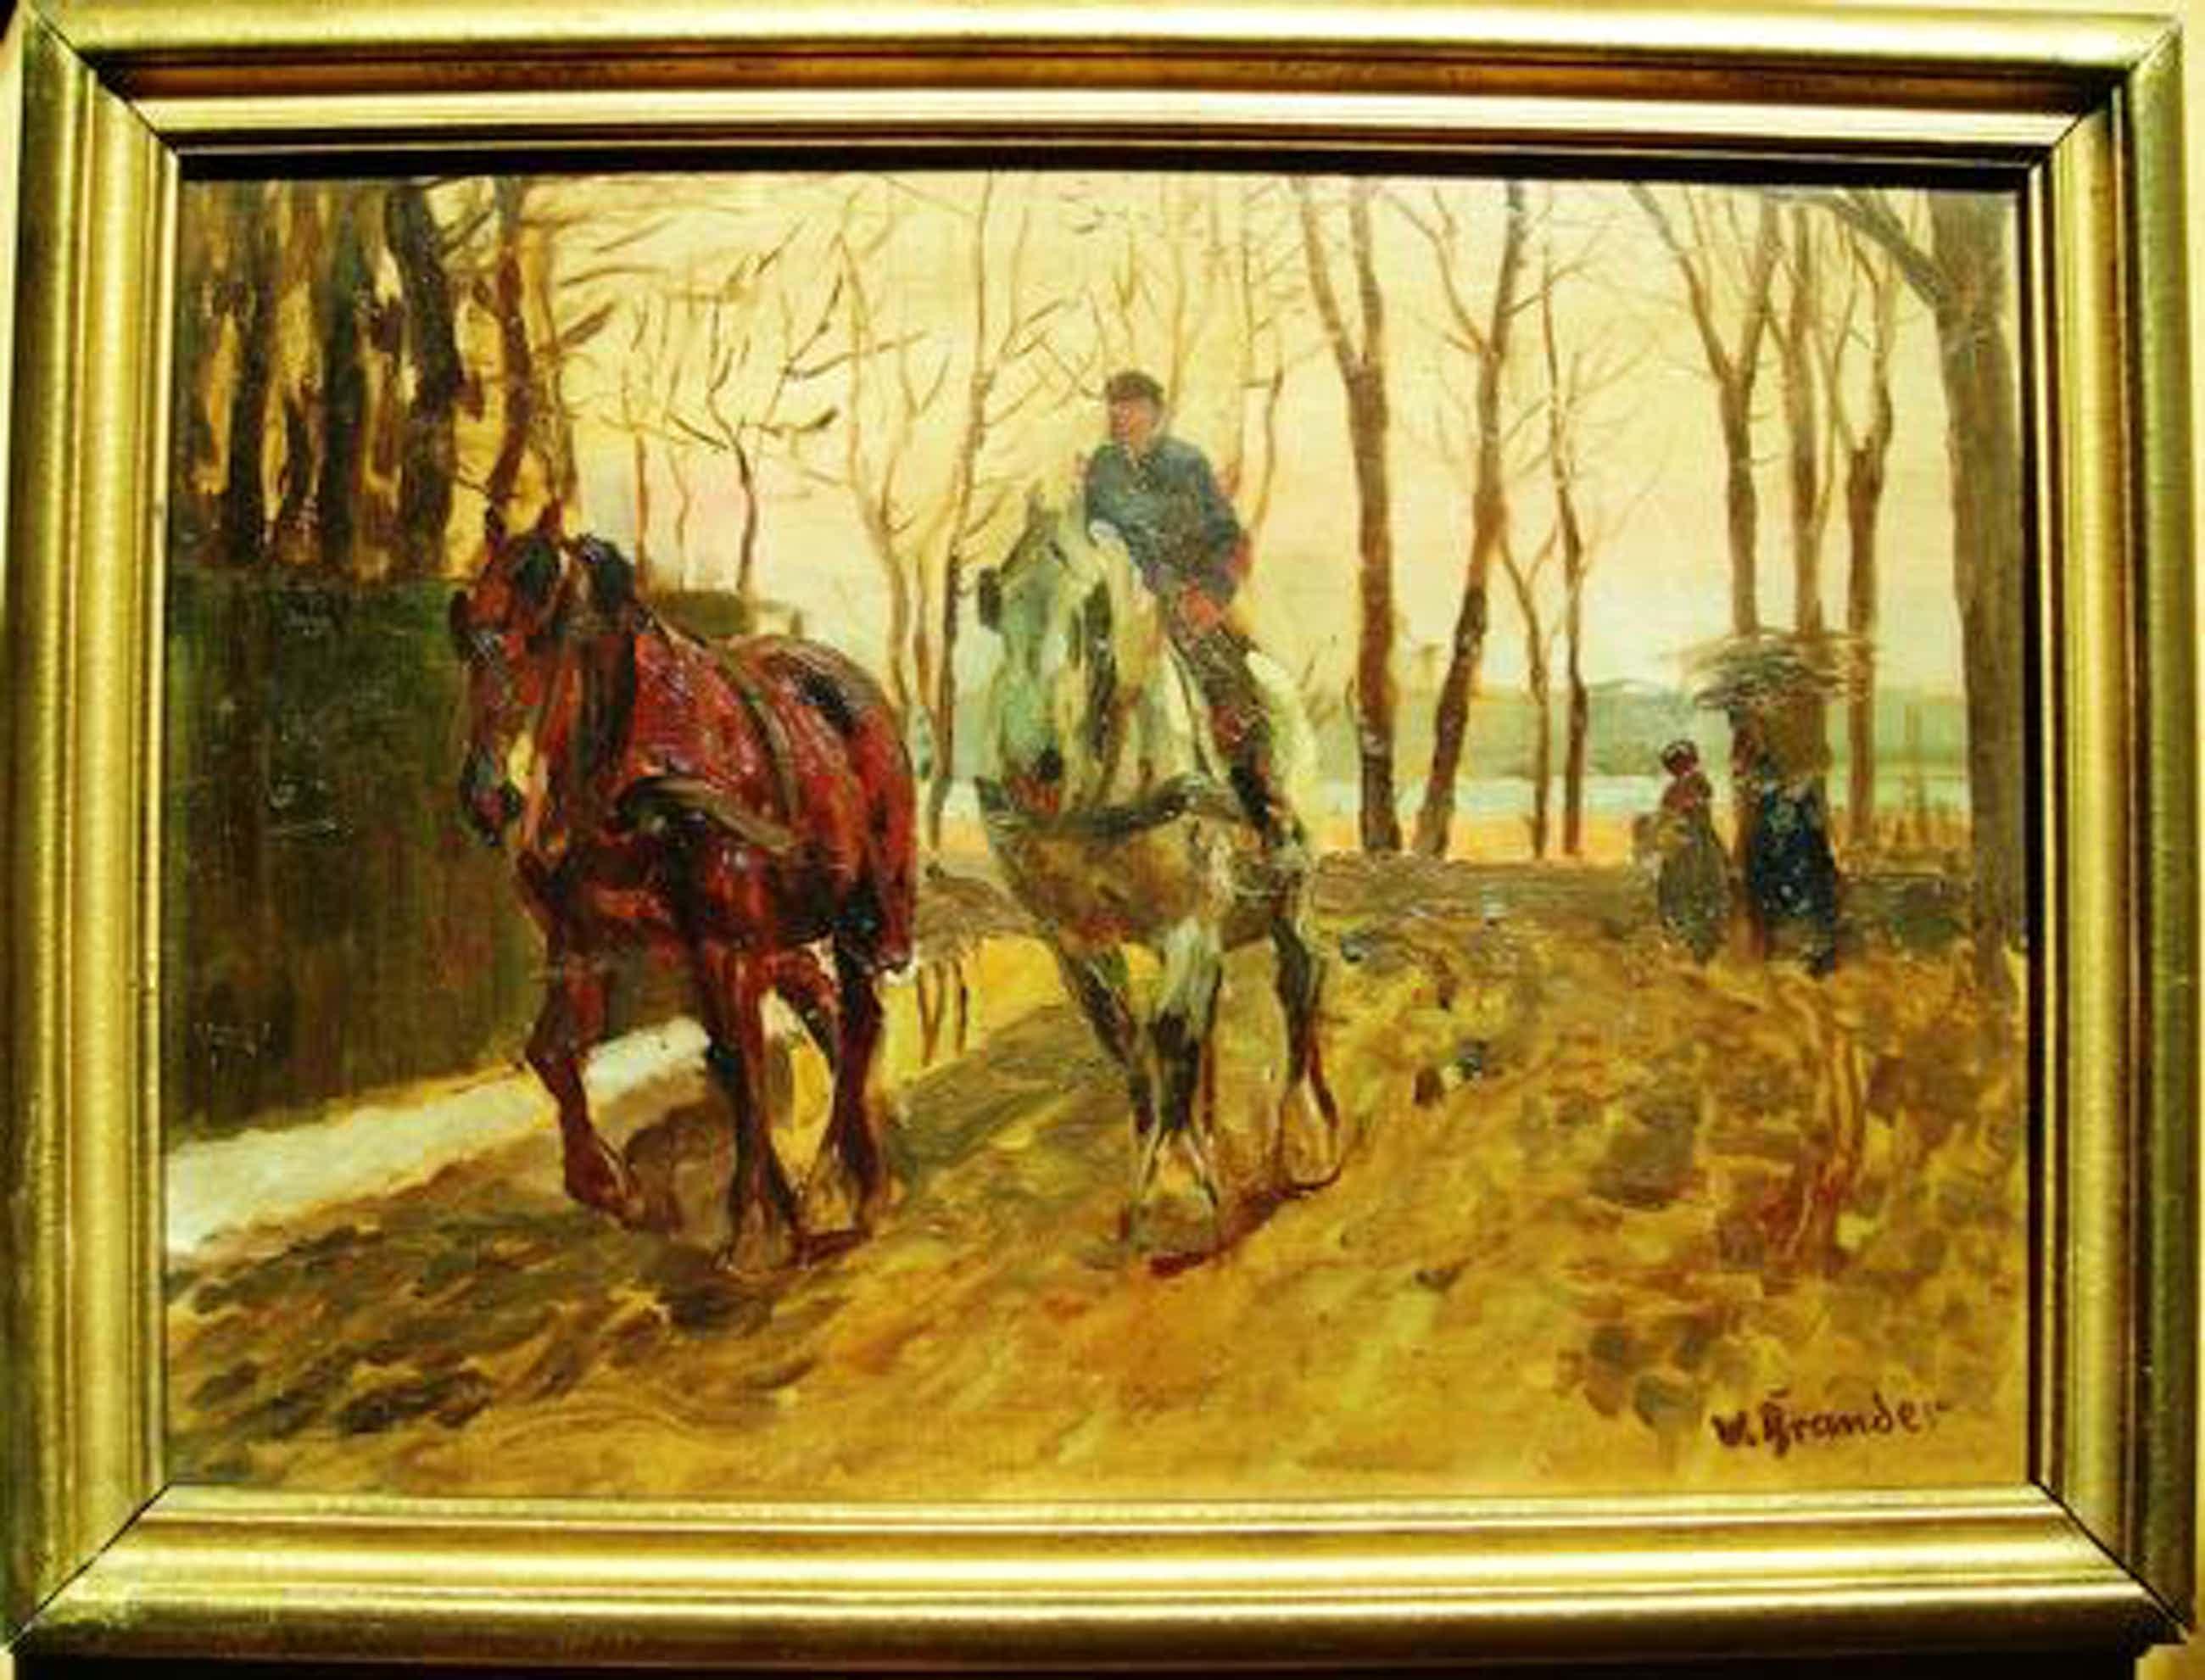 Willy Brandes - Reiter mit 2 Pferden, Ölgemälde kopen? Bied vanaf 330!